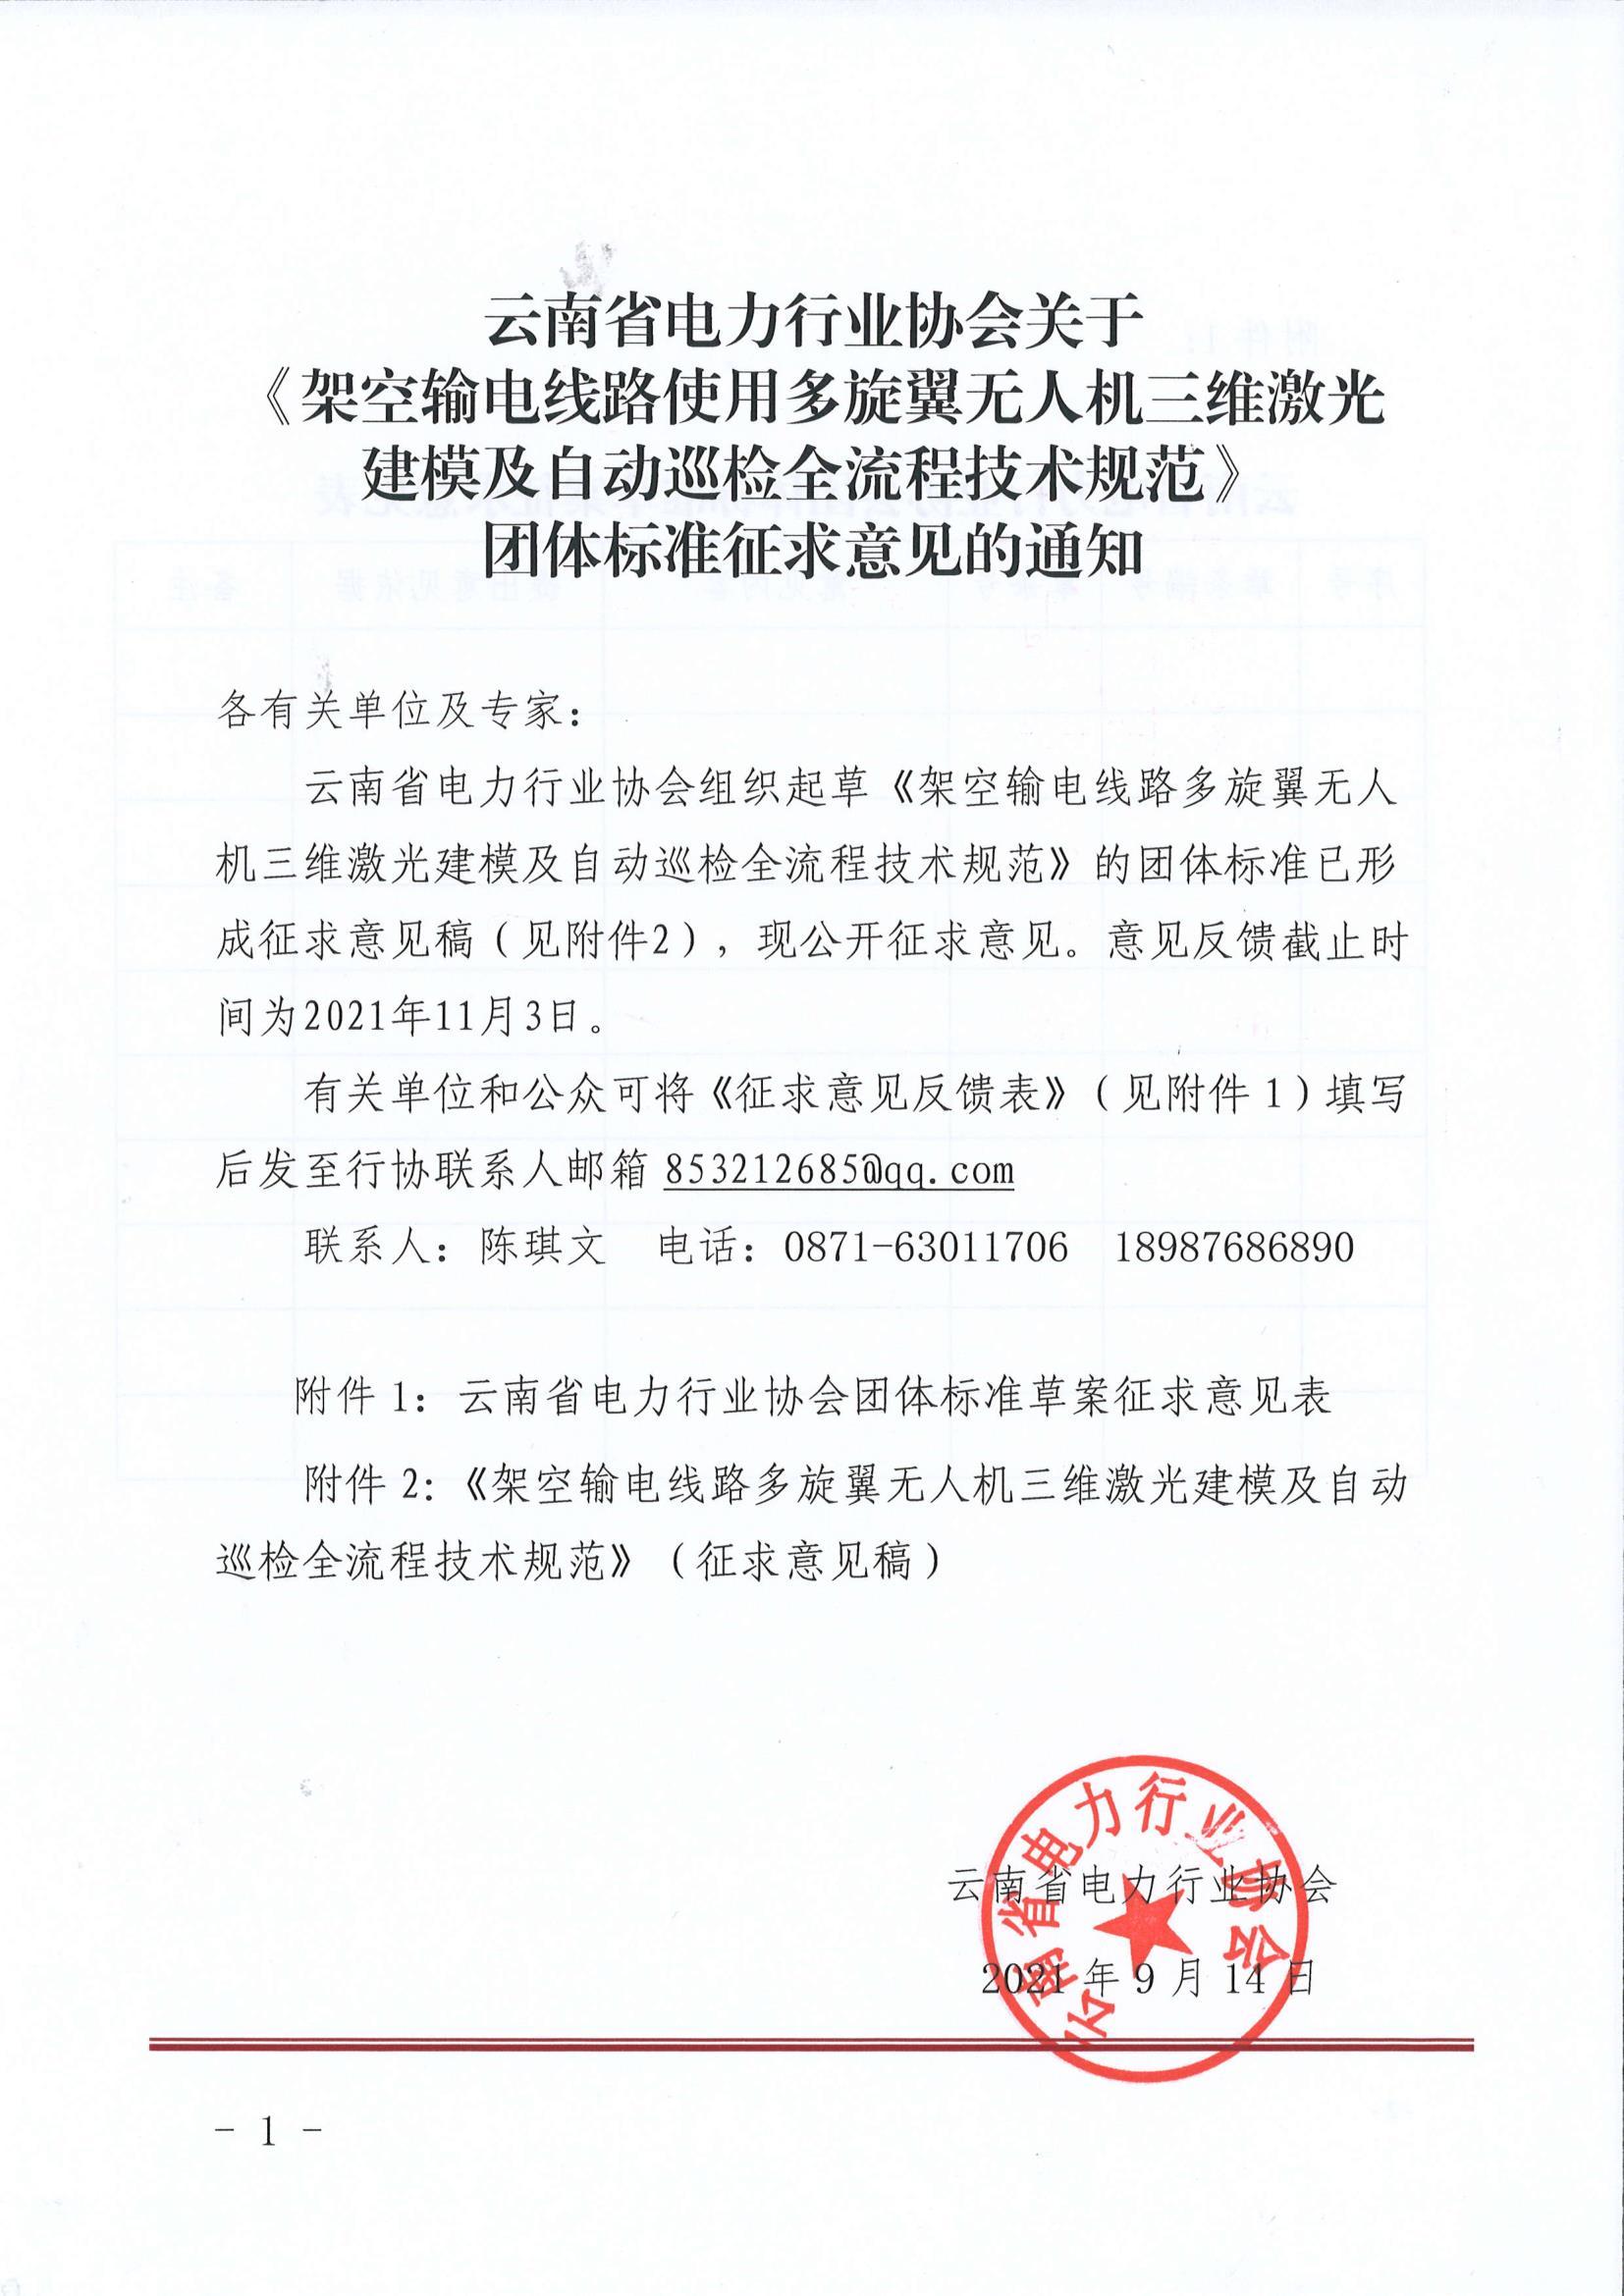 云南省电力行业协会关于《架空输电线路使用多旋翼无人机三维激光建模及自动巡检全流程技术规范》团体标准征求意见的通知_1.jpg